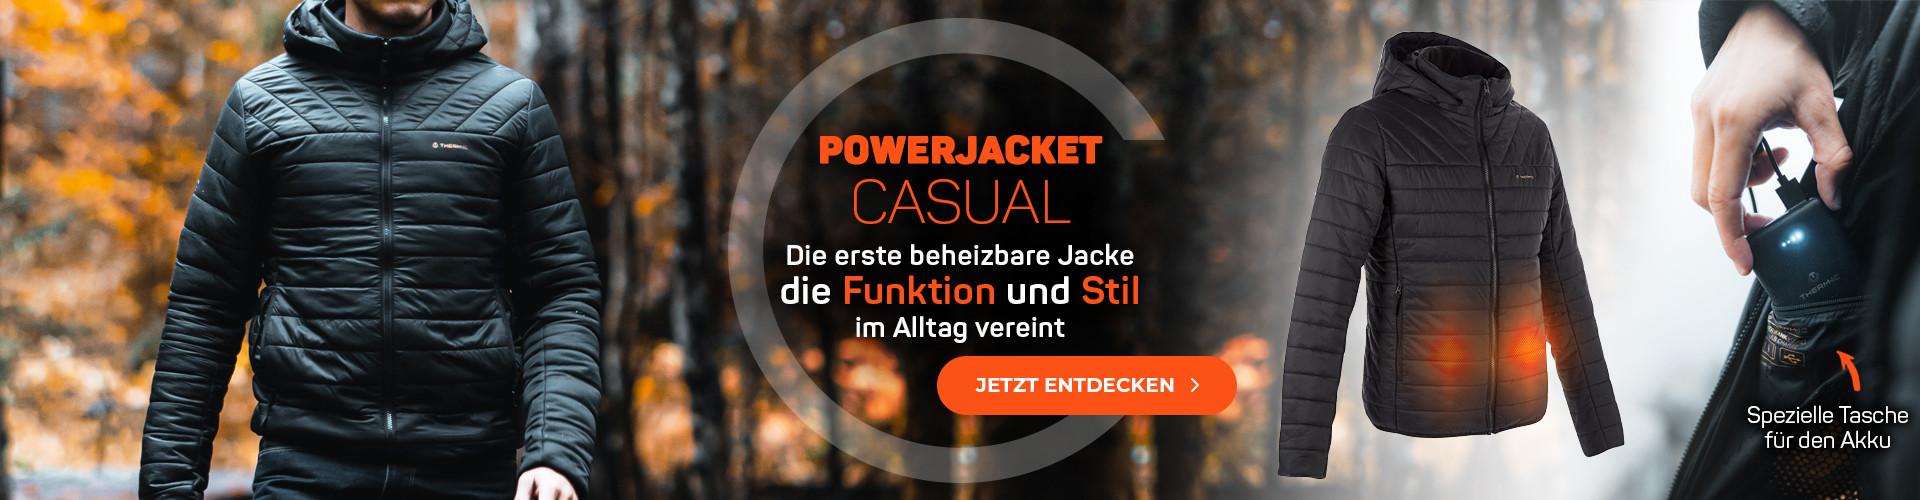 Die erste beheizbare Jacke die Funktion und Stil im Alltag vereint